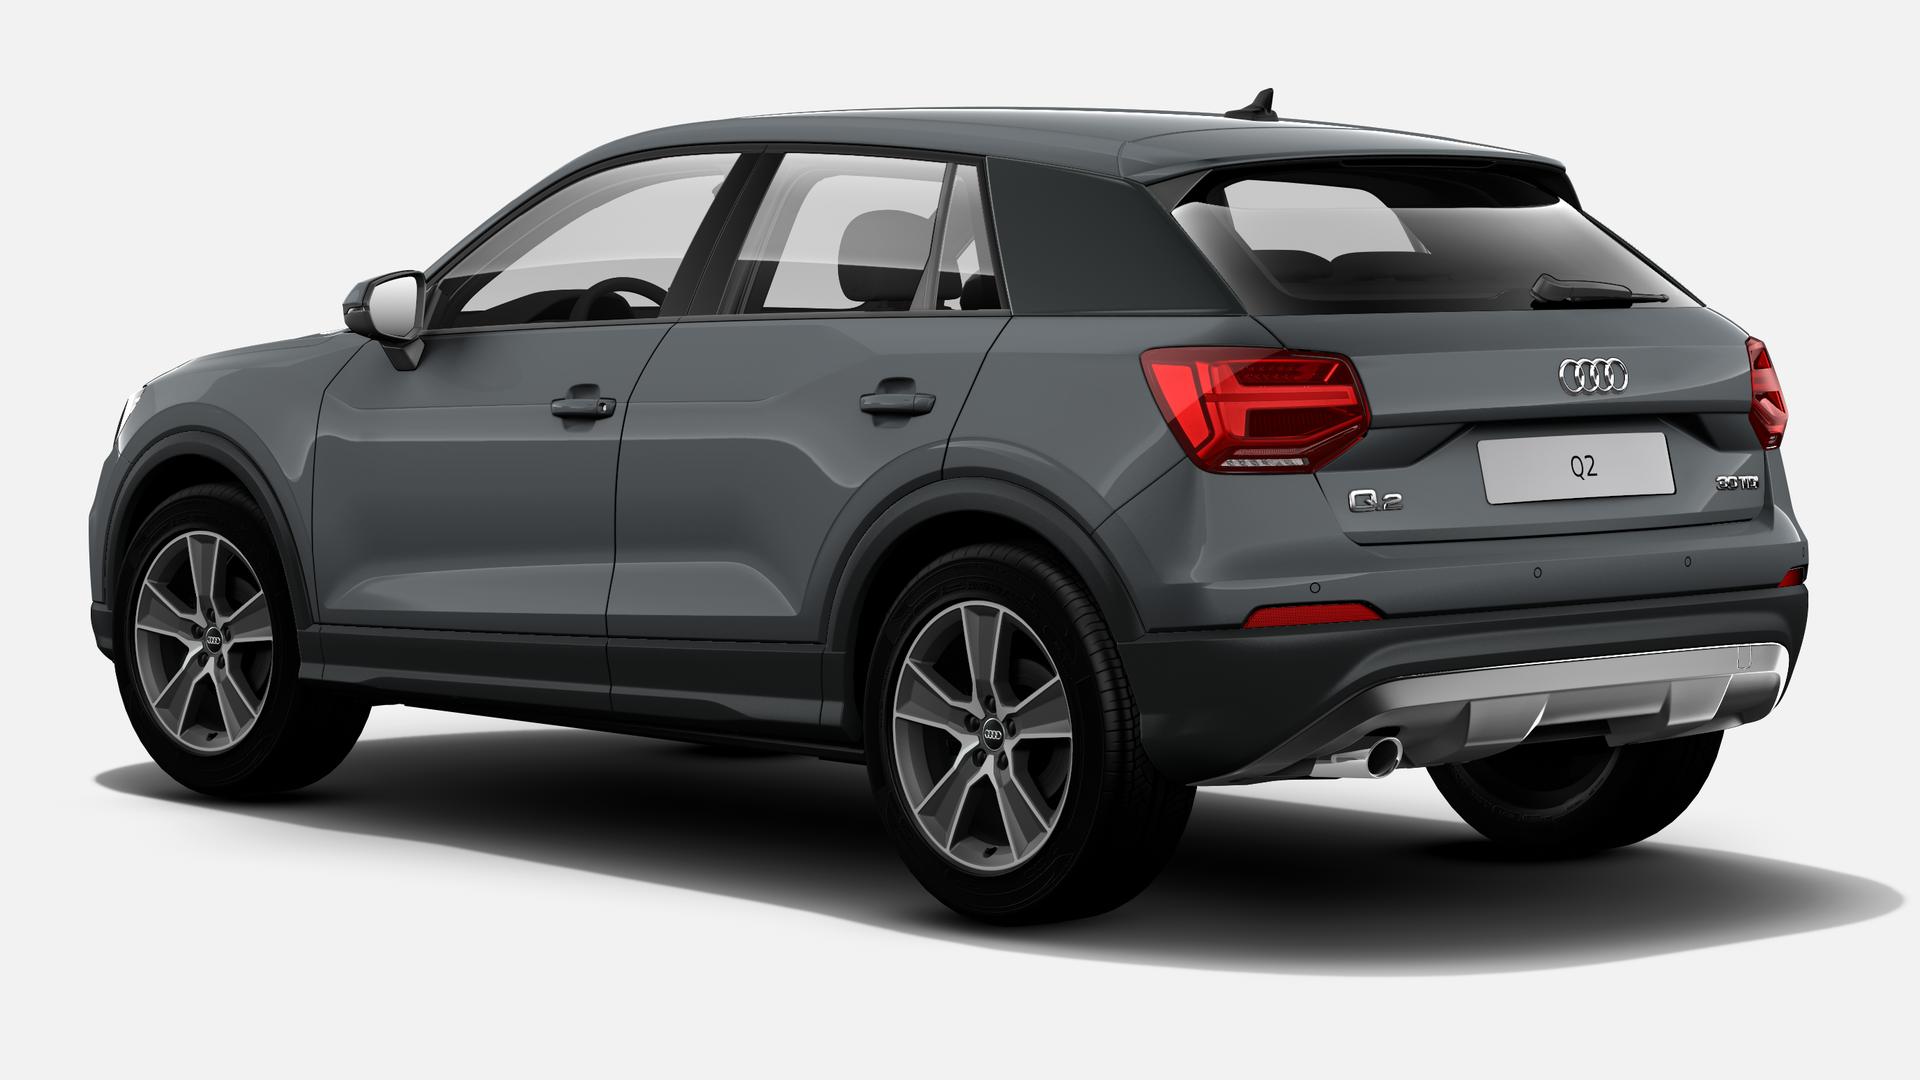 Vista Tres cuartos trasera izquierda de Audi Q2 1.6 TDI Design edition 85 kW (116 CV)